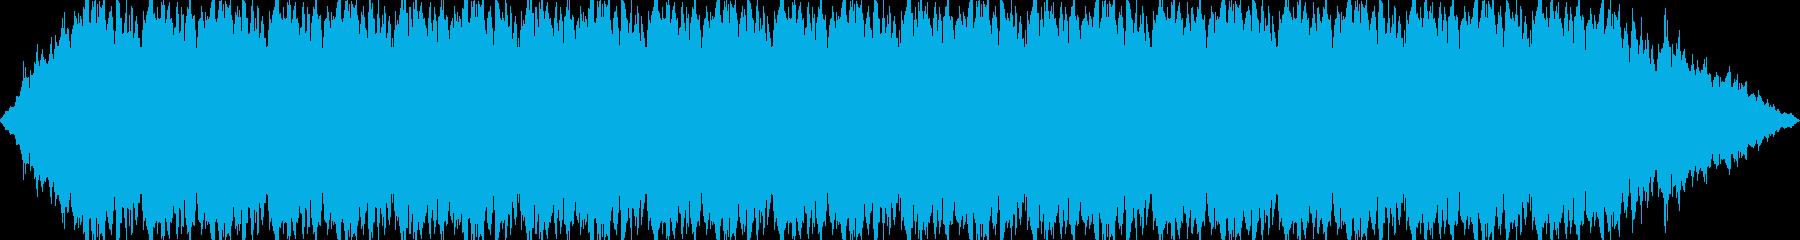 暗闇、恐怖を煽るダークサウンドの再生済みの波形